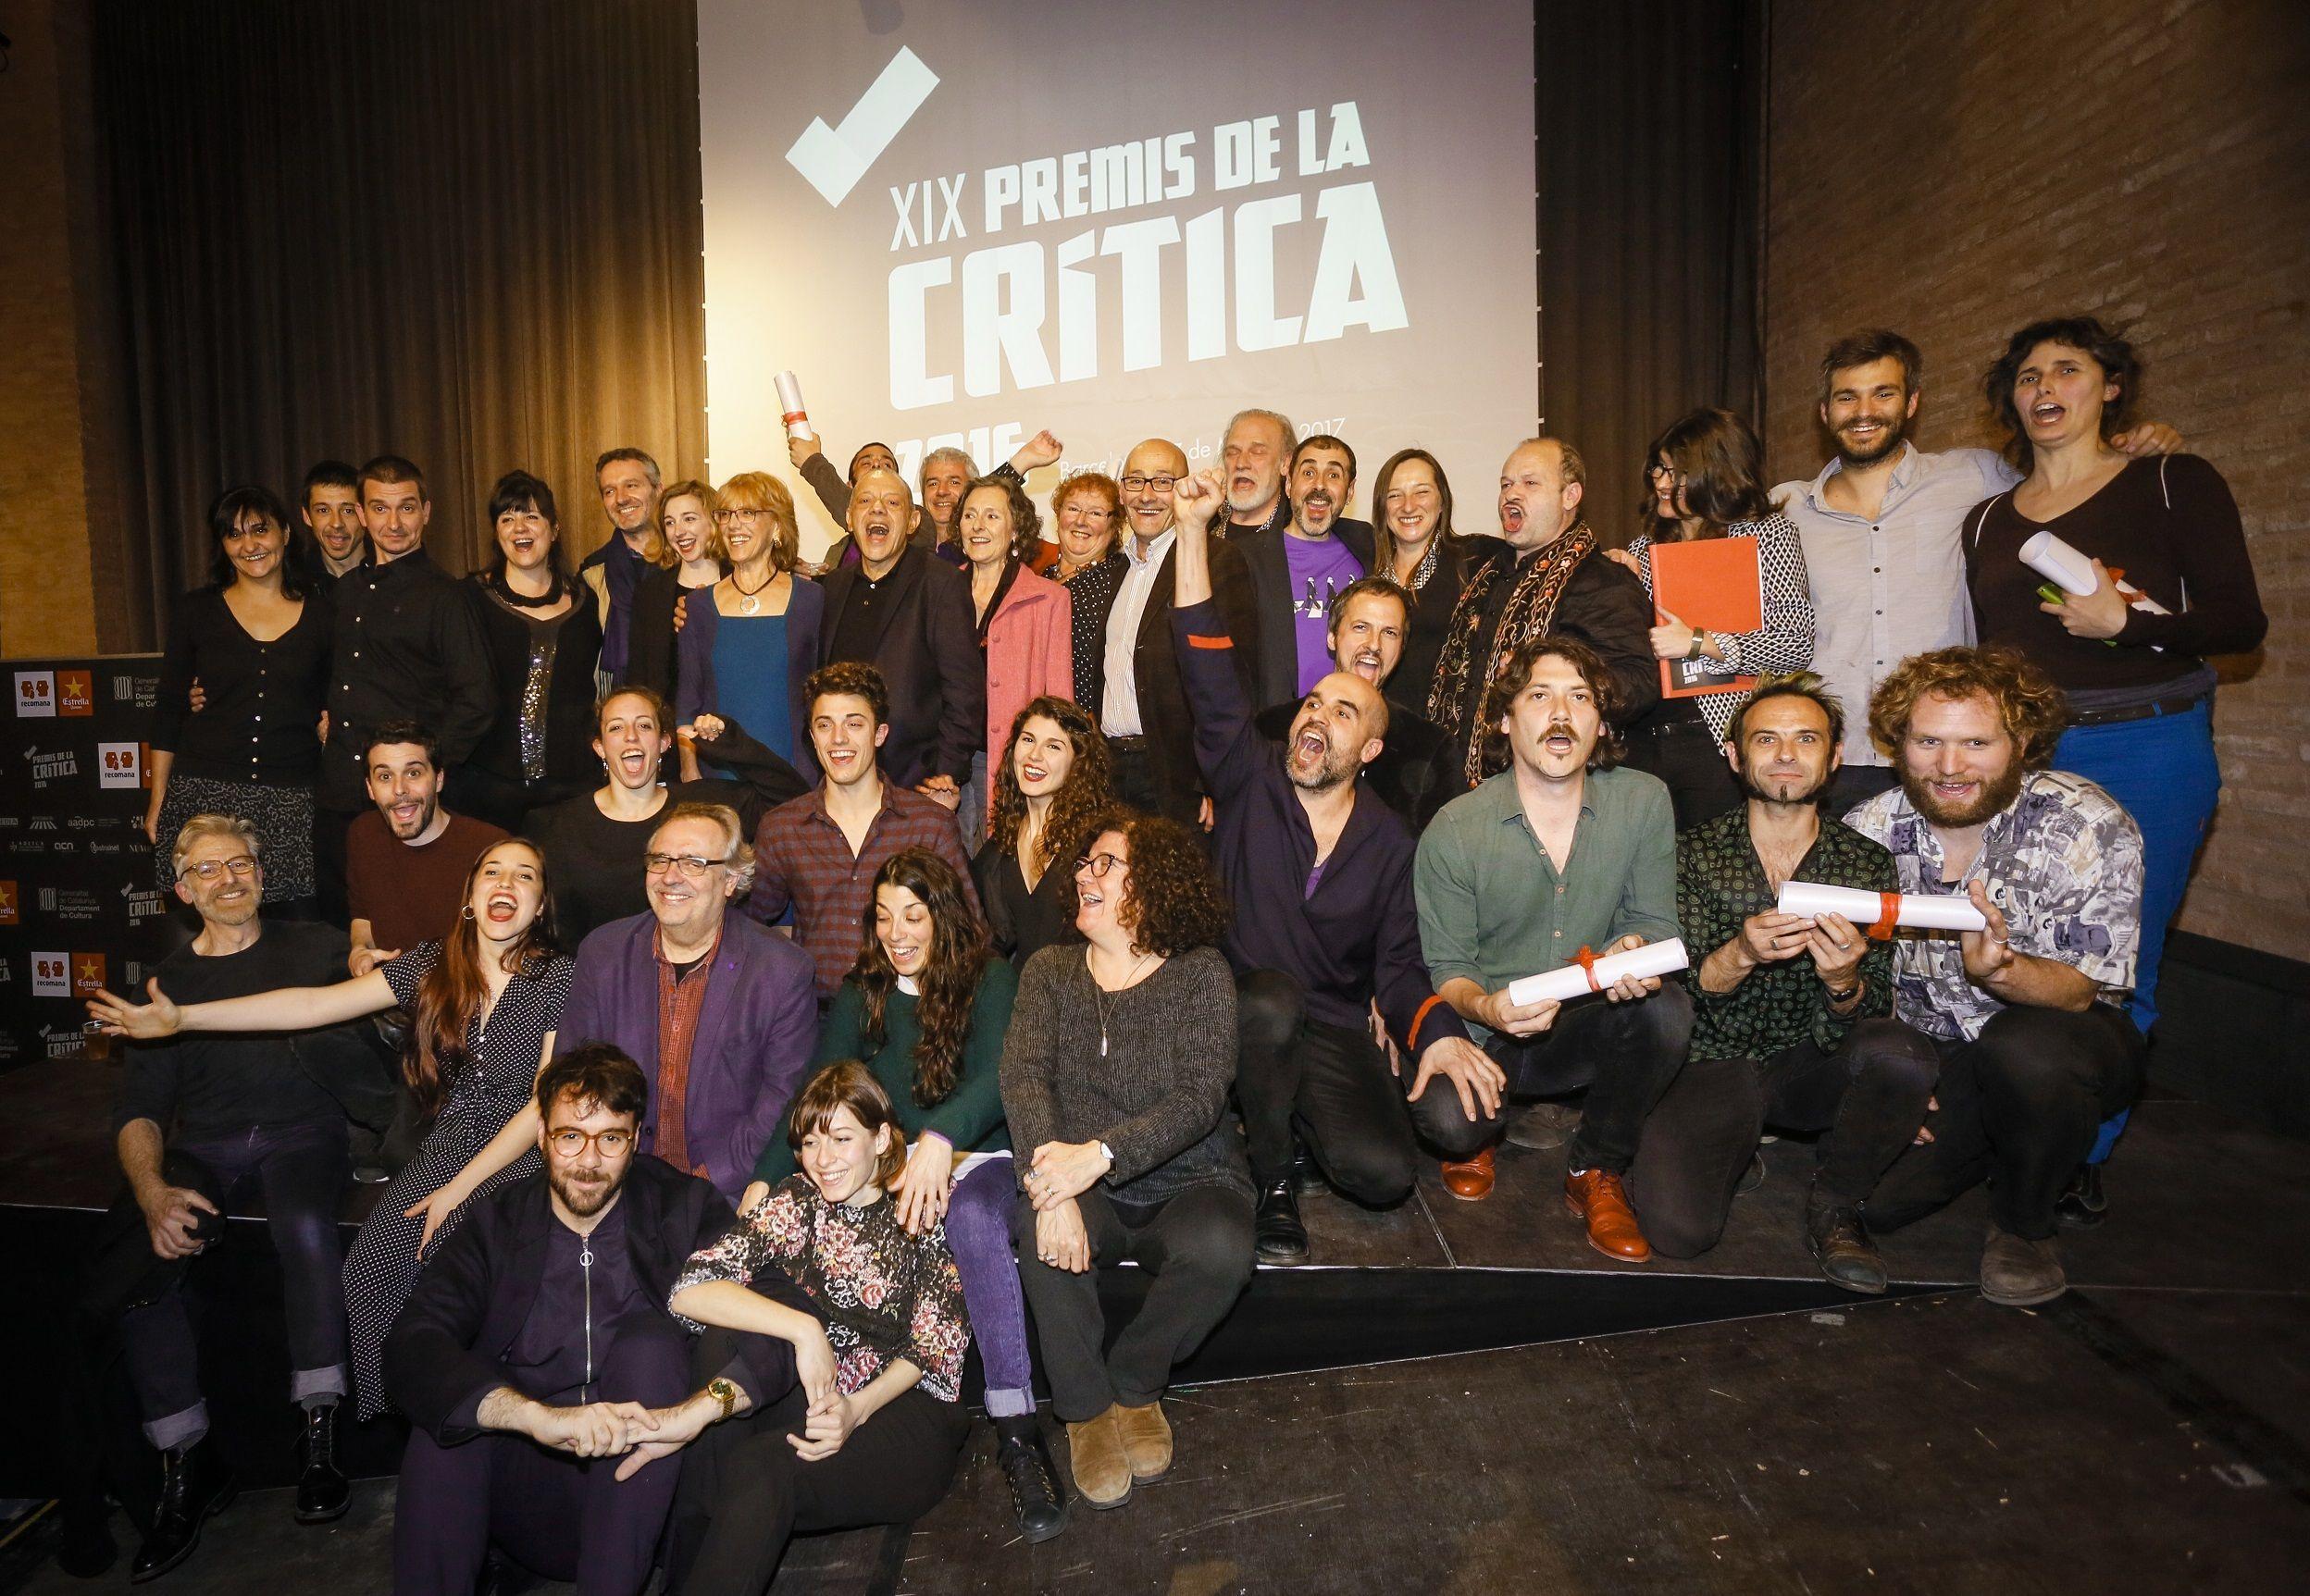 Guanyadors dels premis de la Crítica 2016 ©Martí E. Berenguer